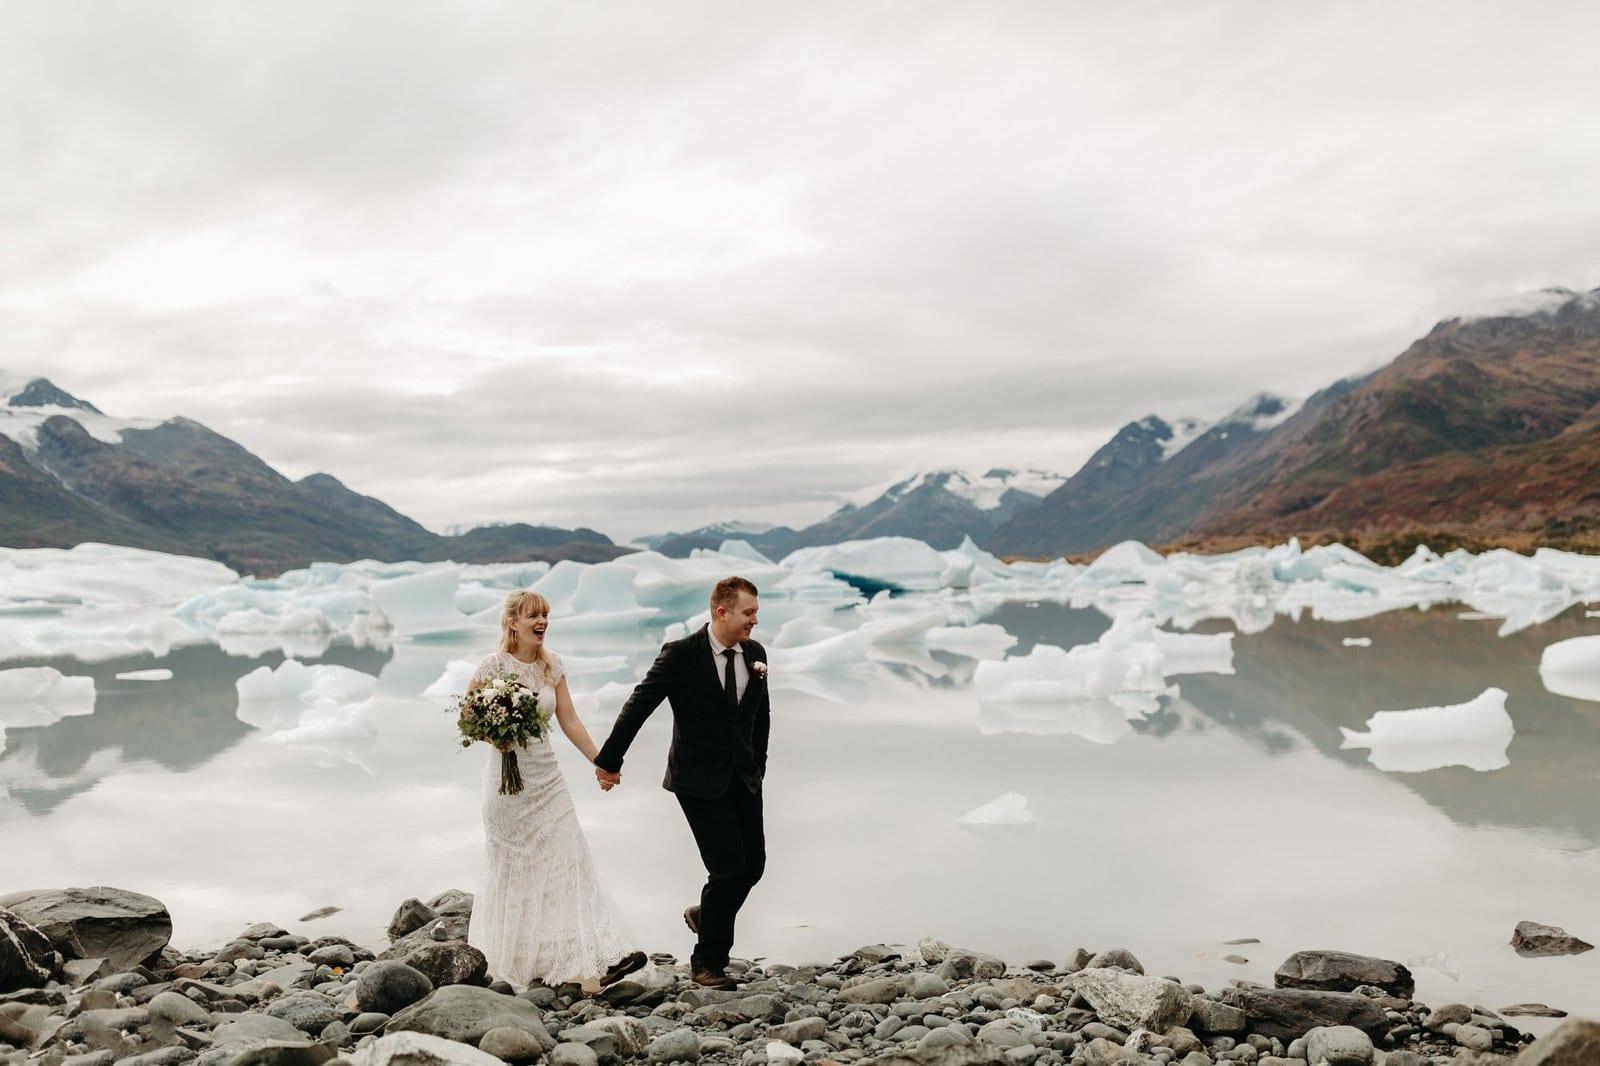 fun Alaska elopement photos